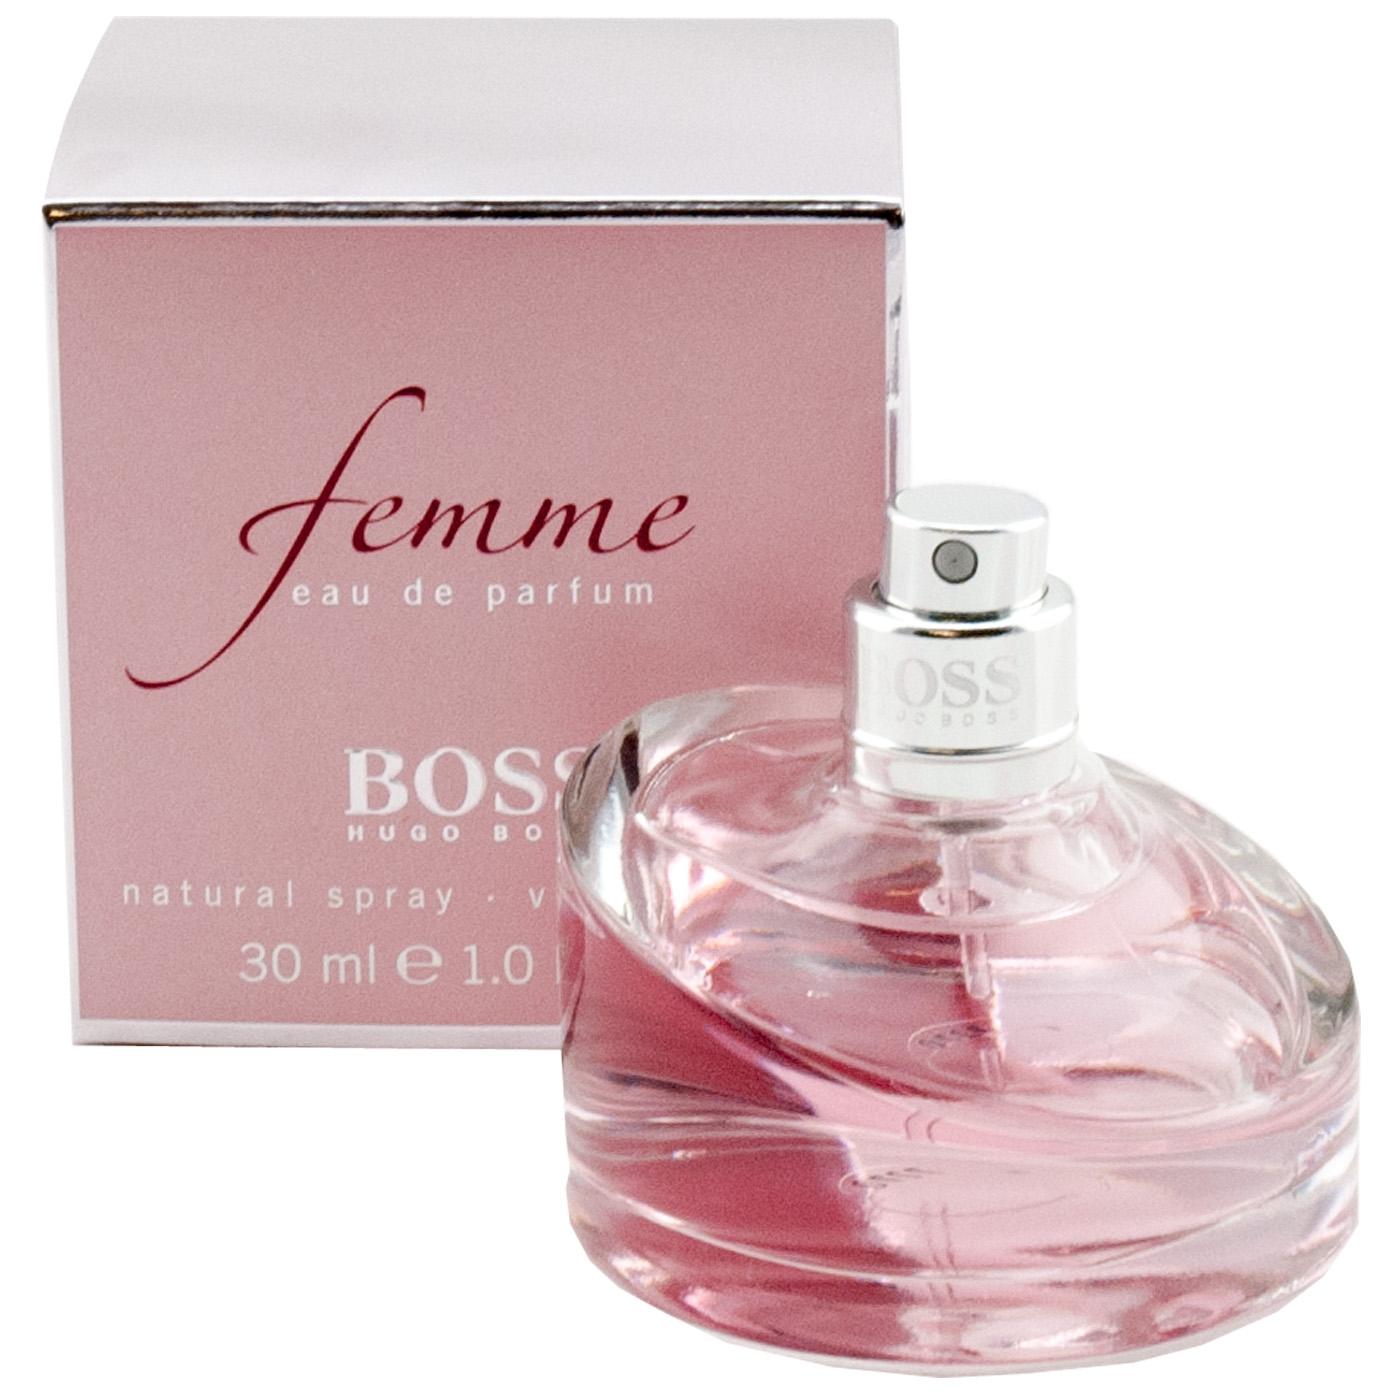 9ac1364c7d4 Details about Hugo Boss Femme 1oz Eau de Perfume Edp Spray for Woman